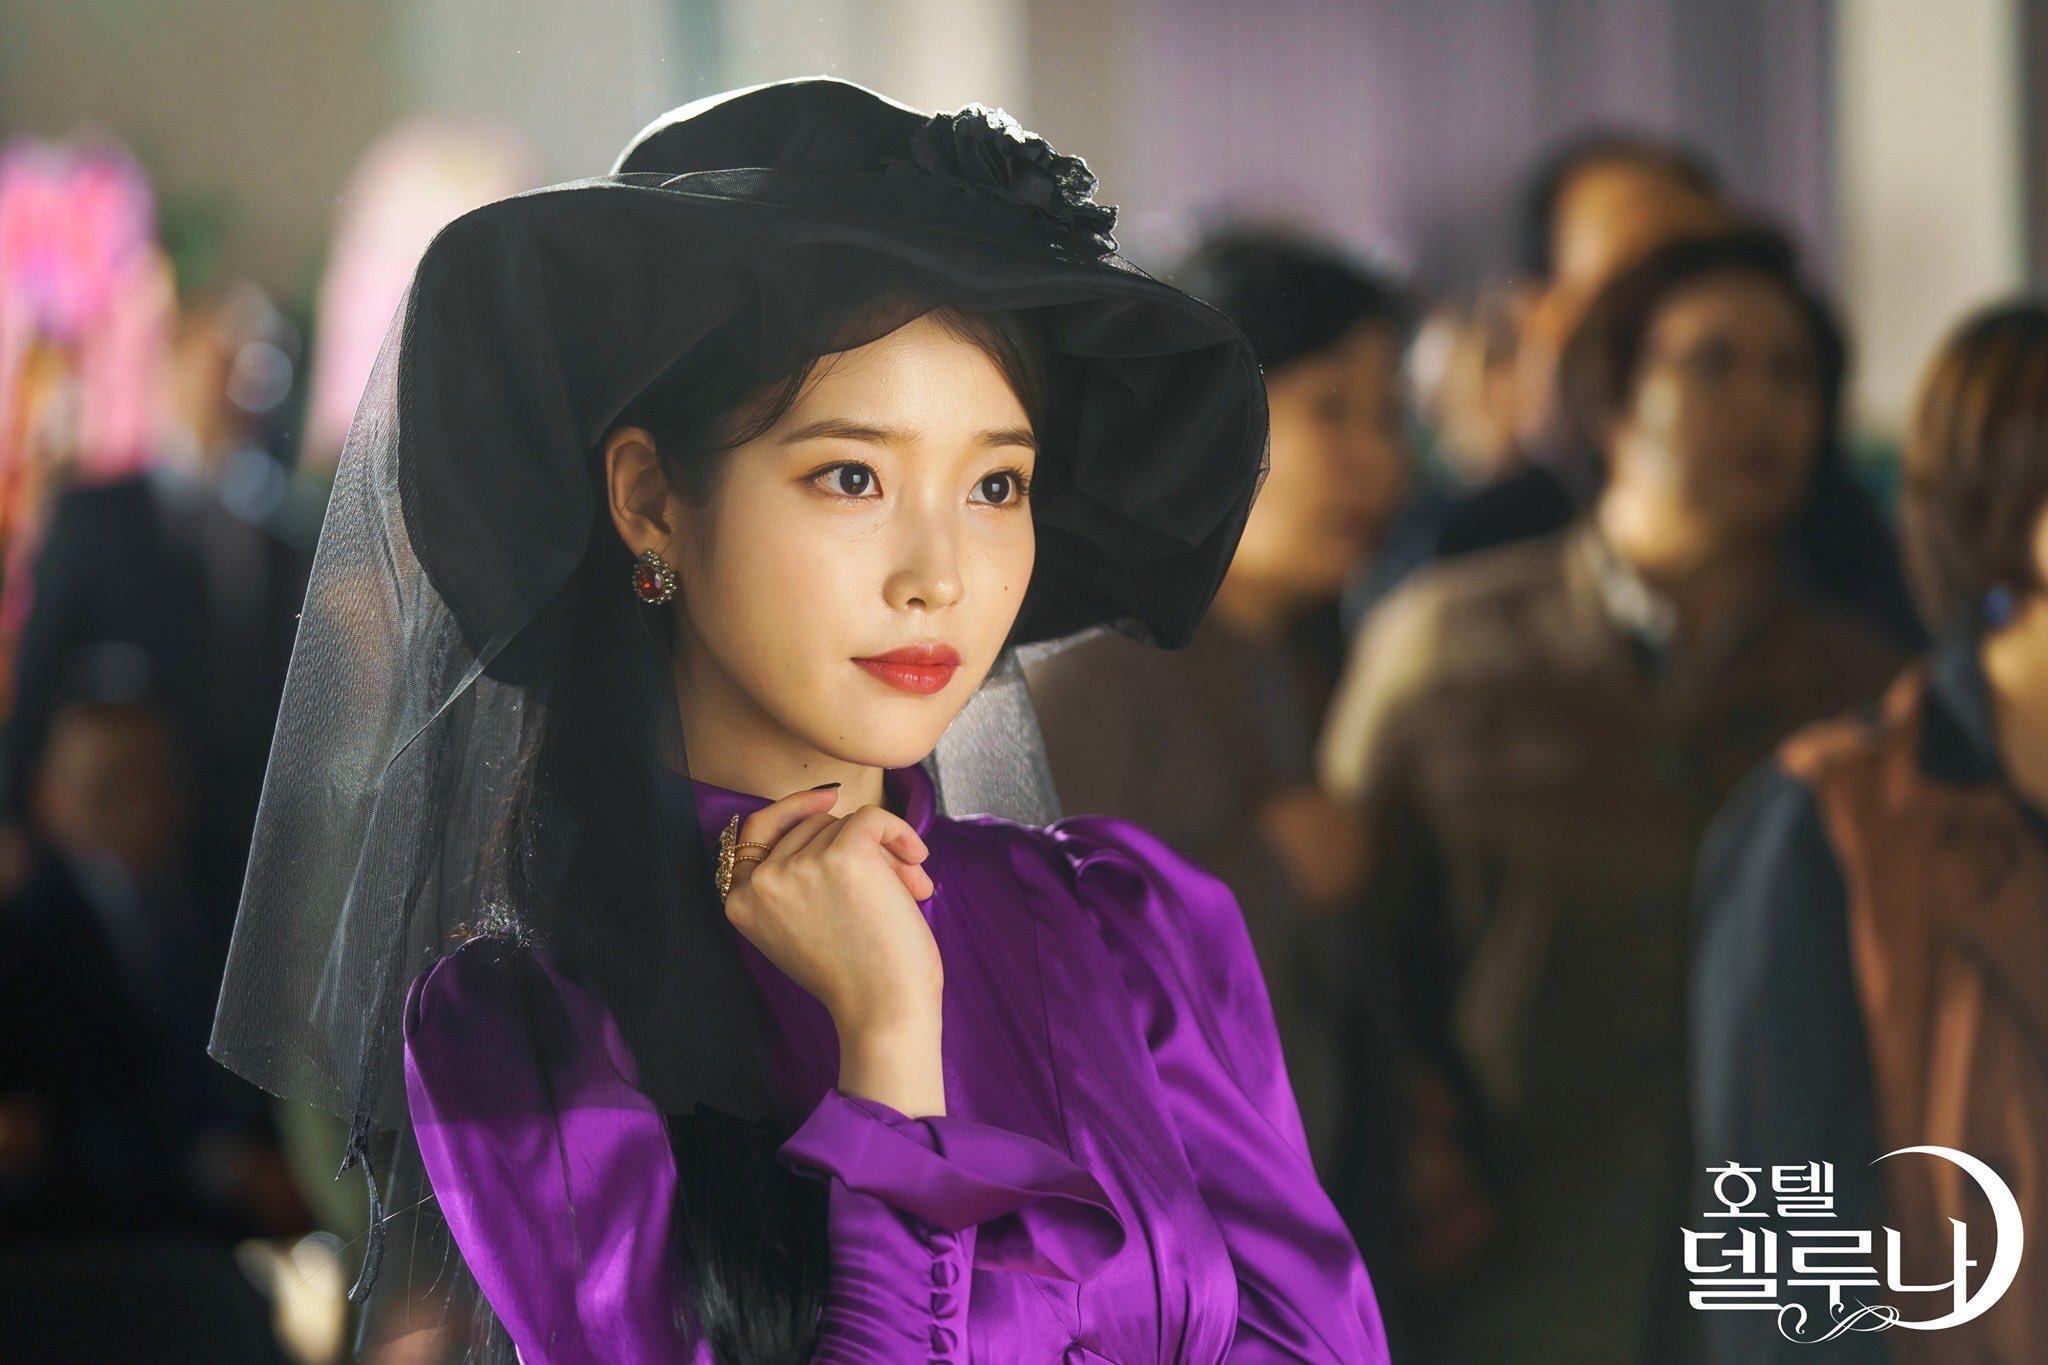 iu áo blouse tím mũ rộng vành voan đen thời trang trong phim